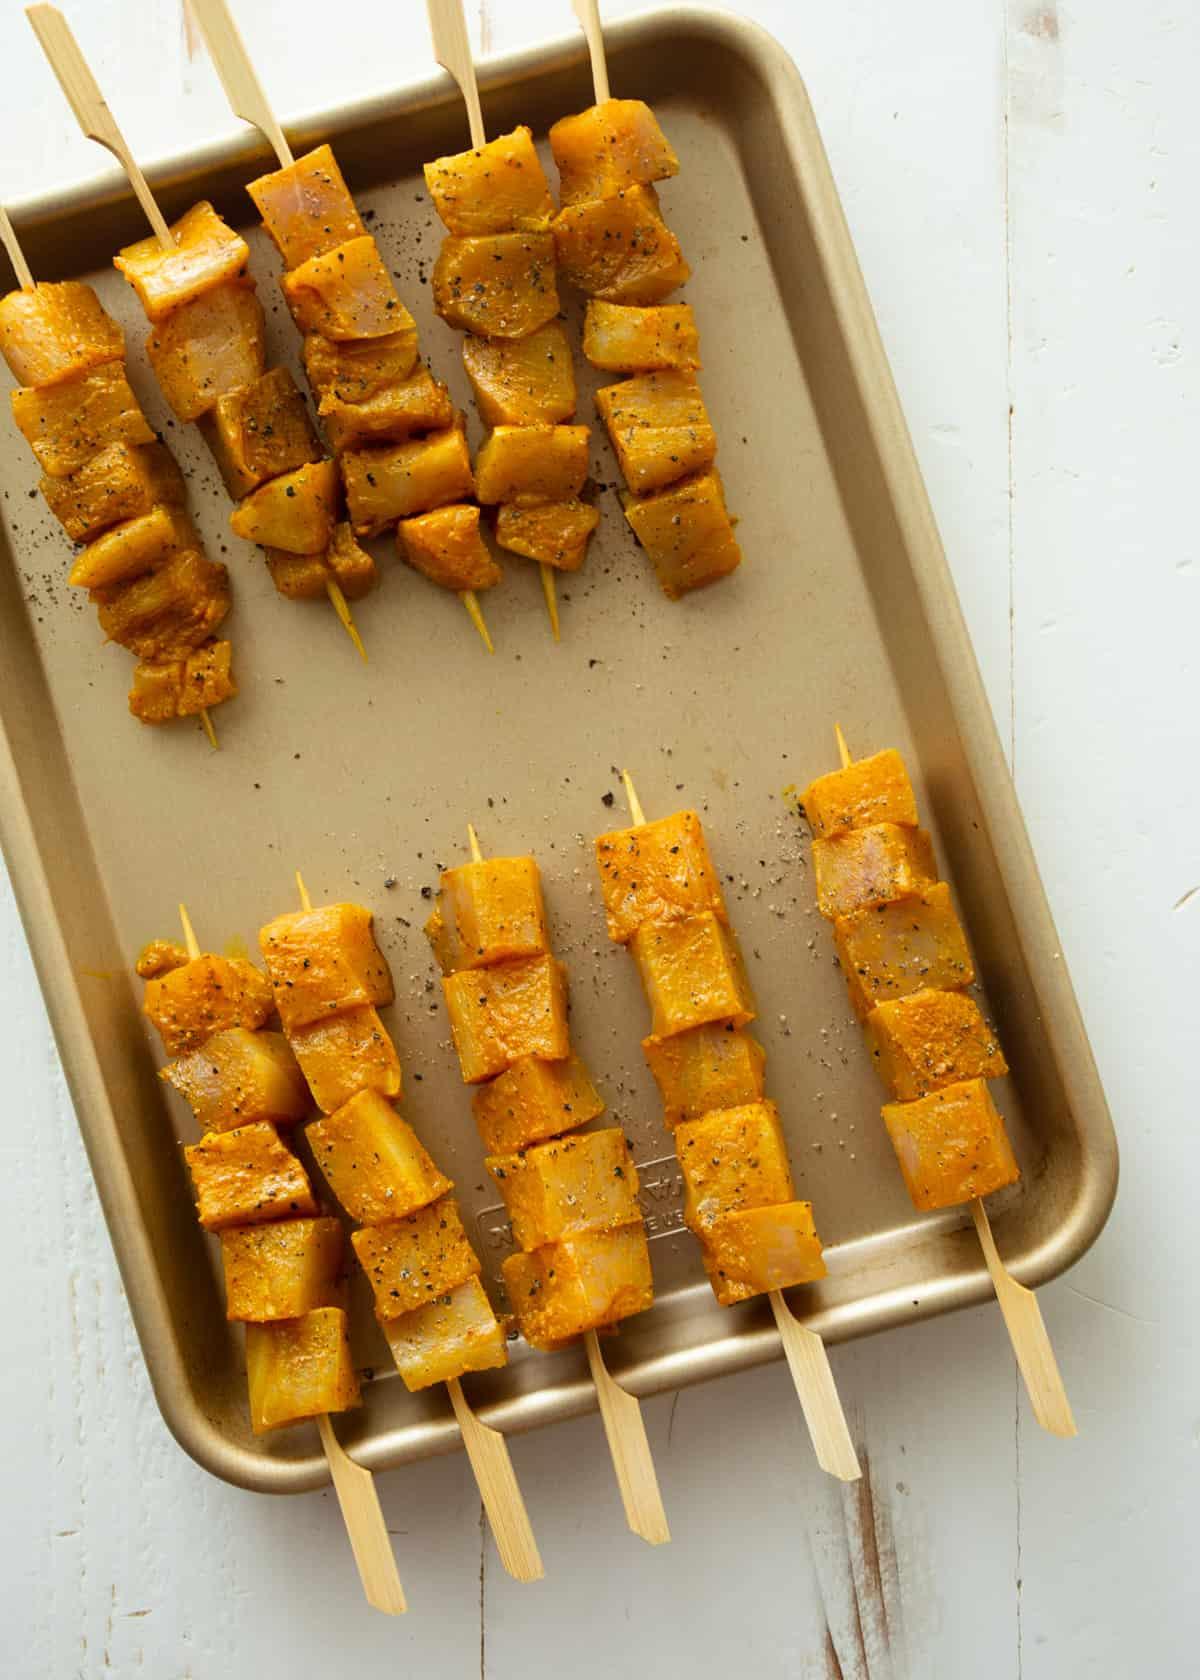 skewers on a sheet pan